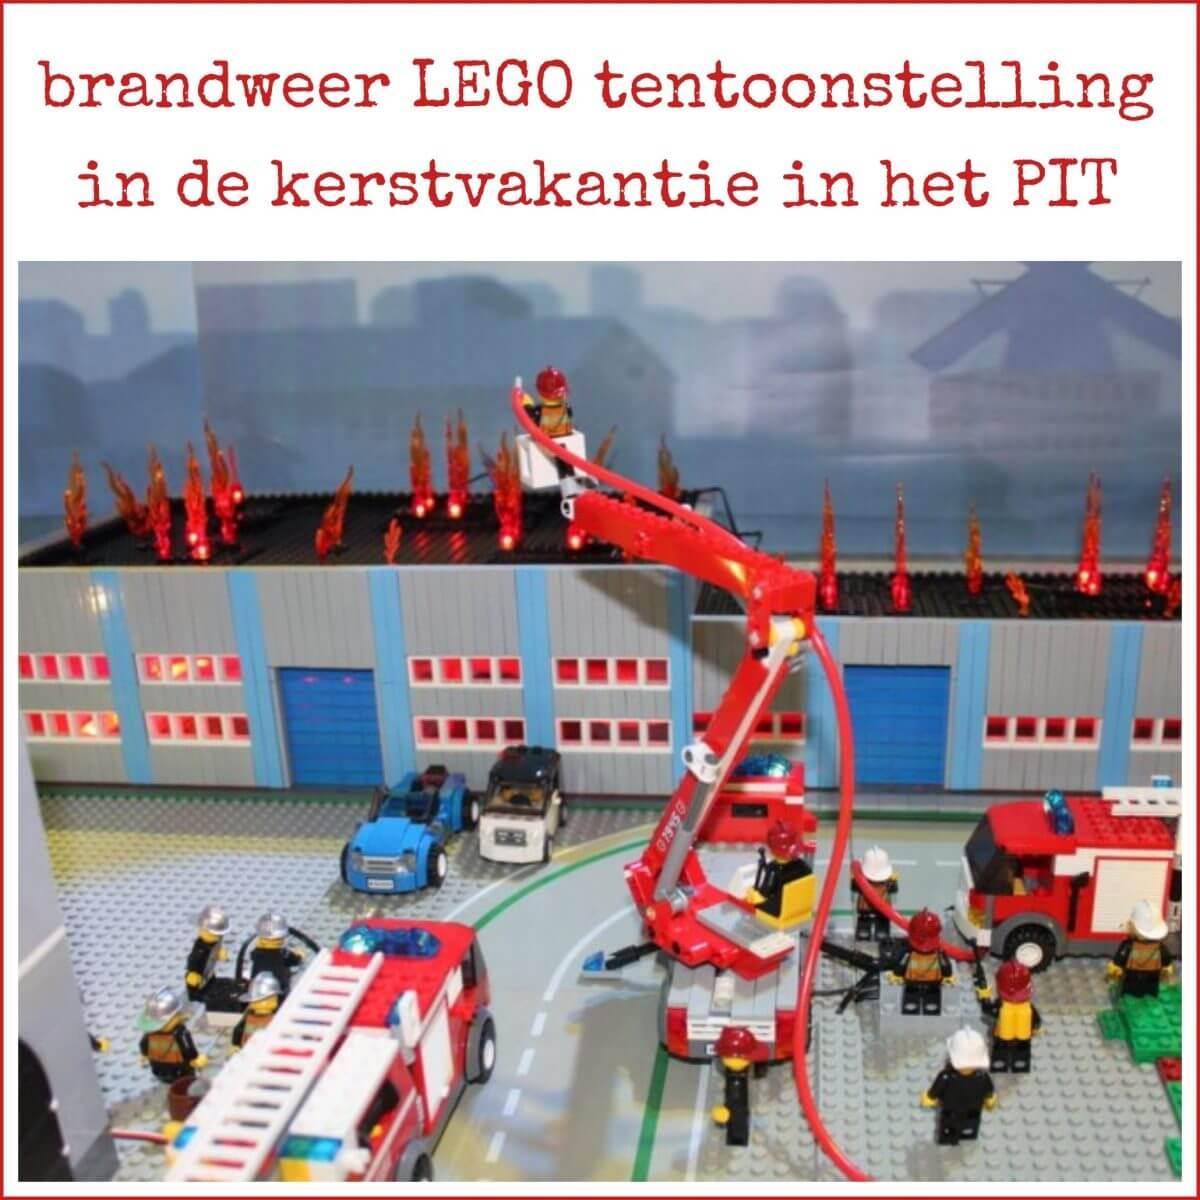 Kerstvakantie uitje: Brandweer LEGO in het PIT + winactie